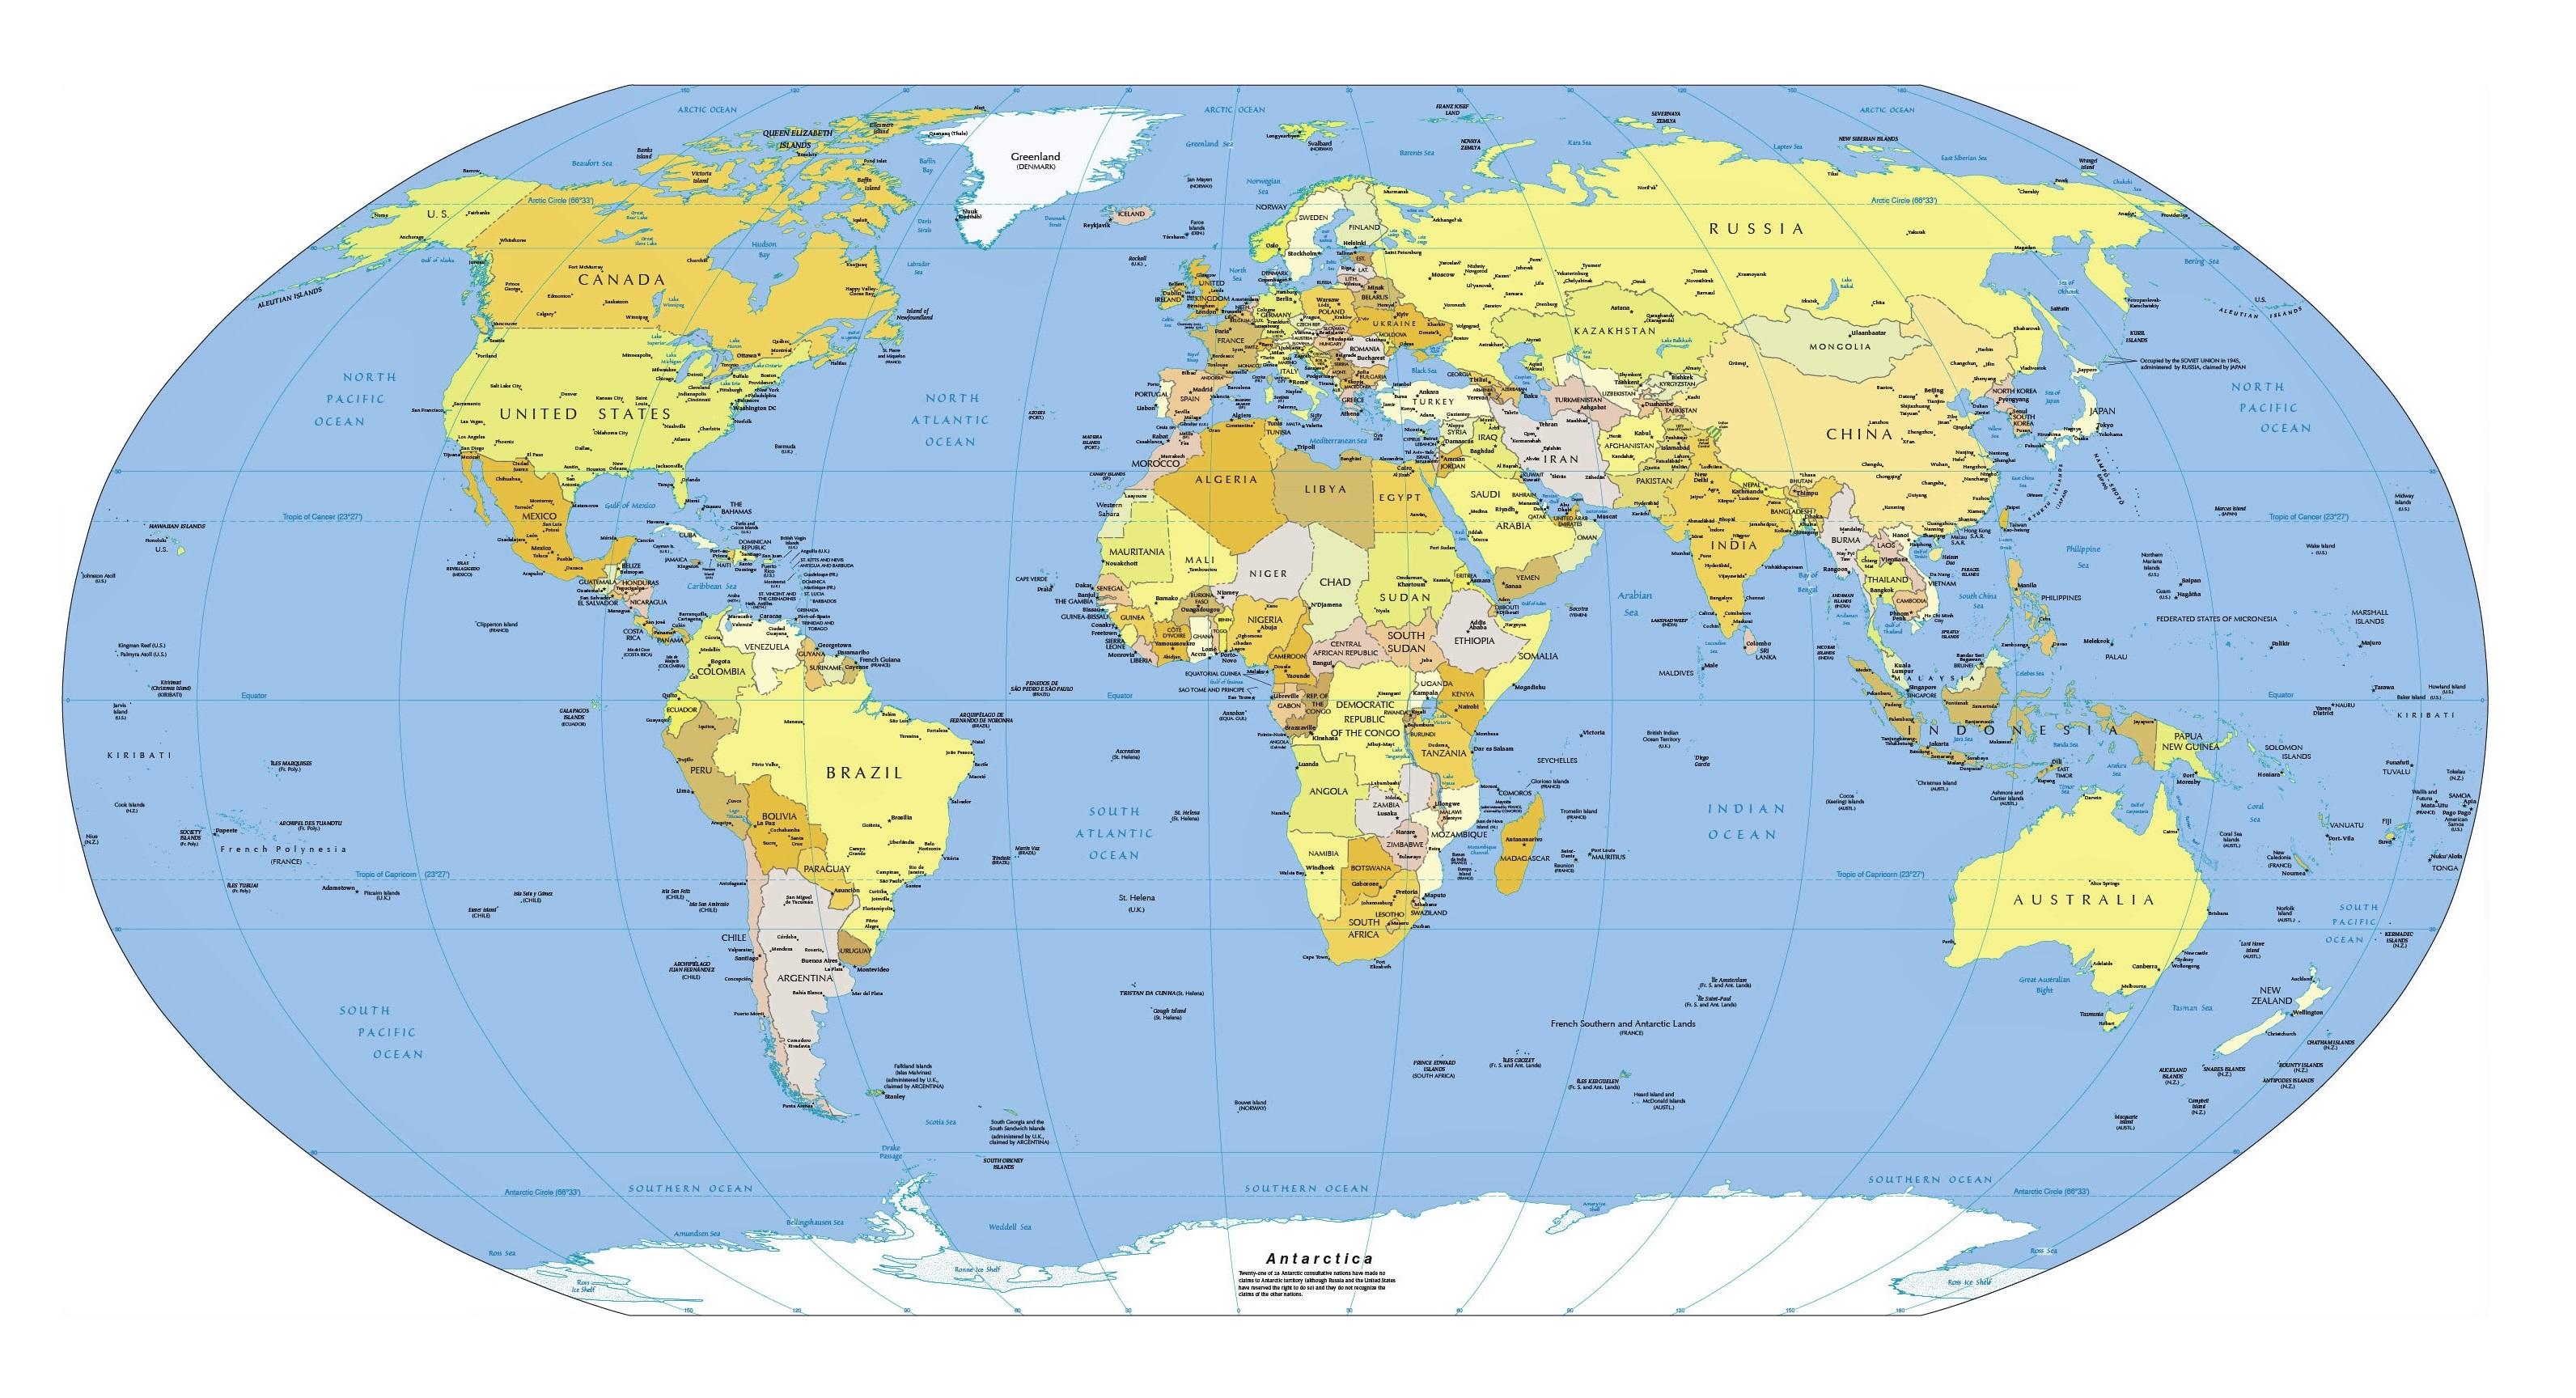 planisferio politico mapa mundo